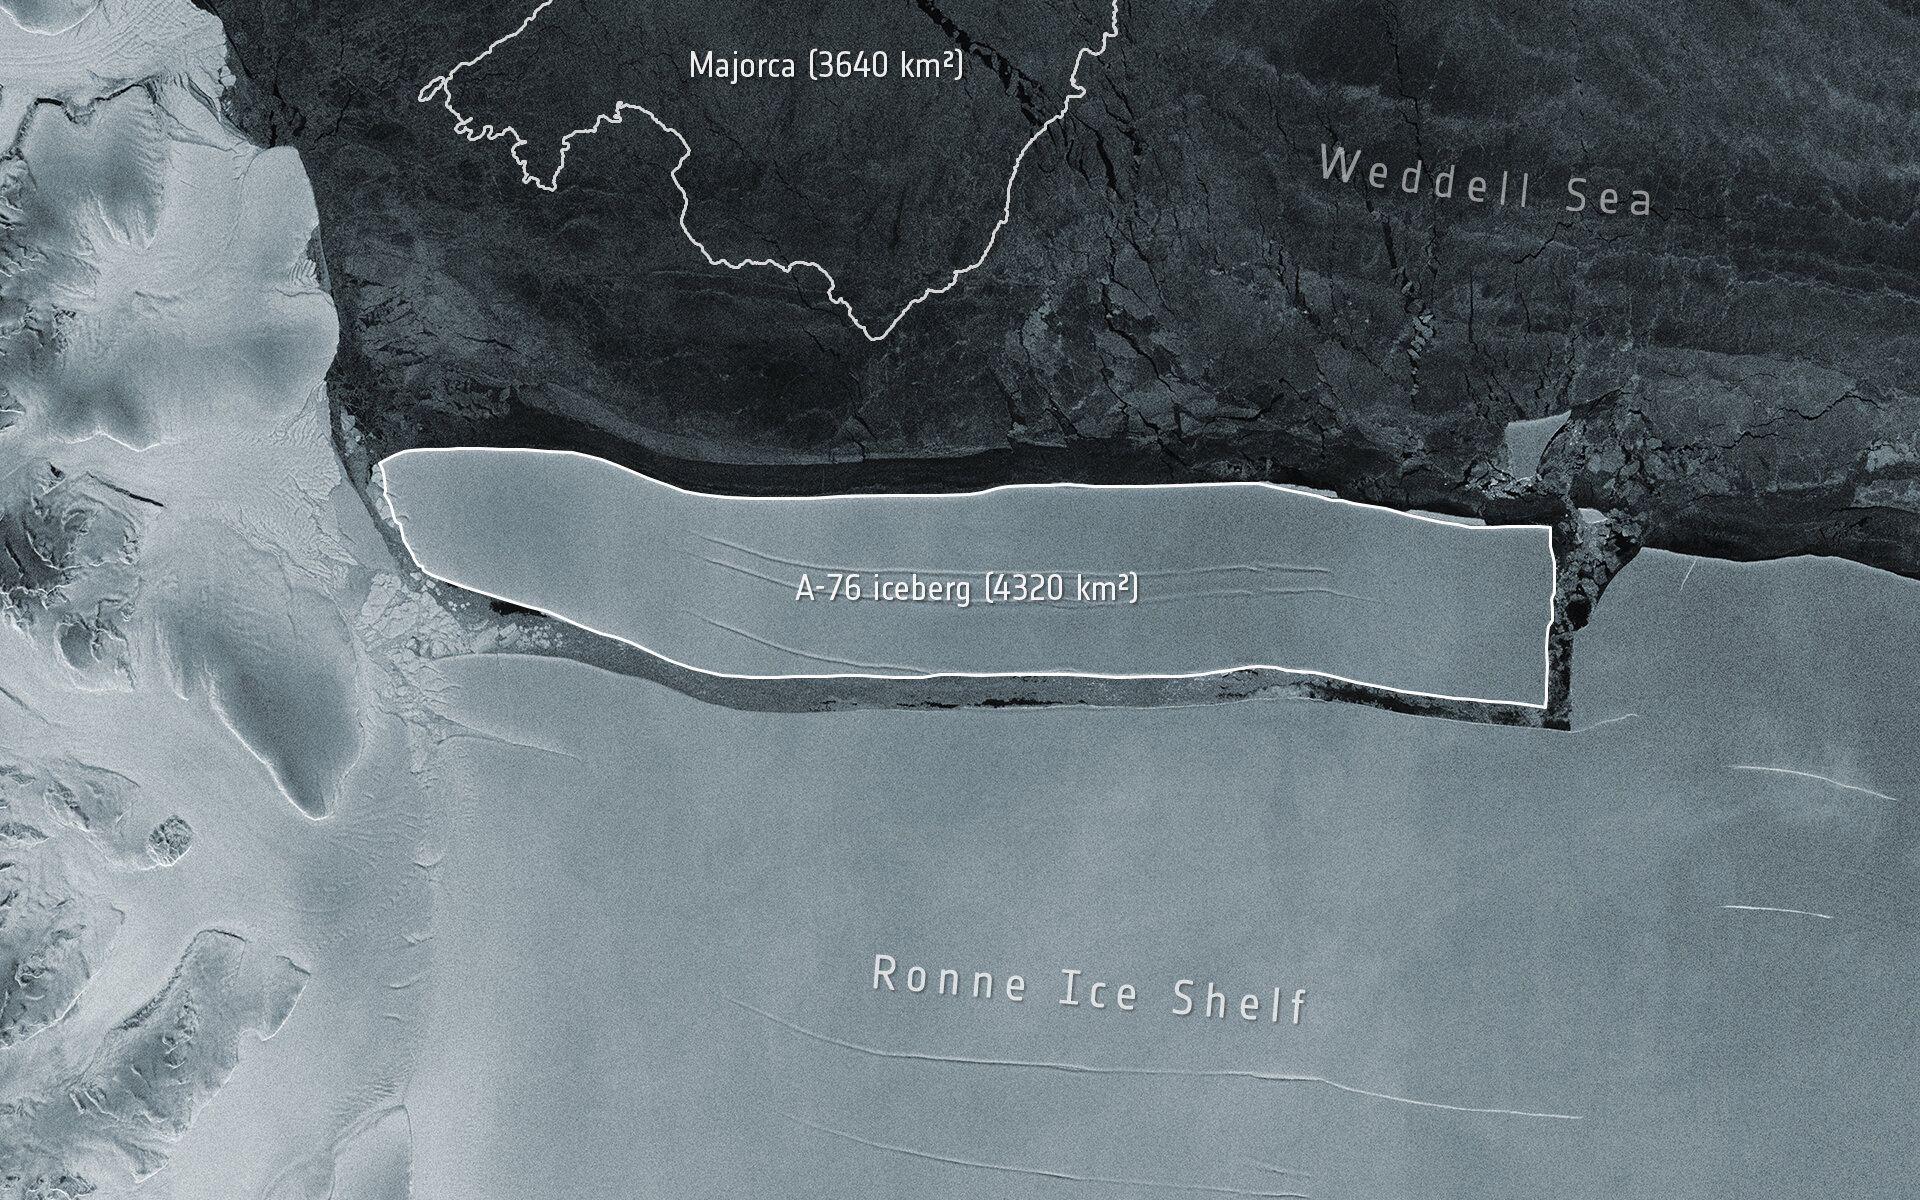 世界上最大的冰山从南极洲的Ronne冰架上断裂